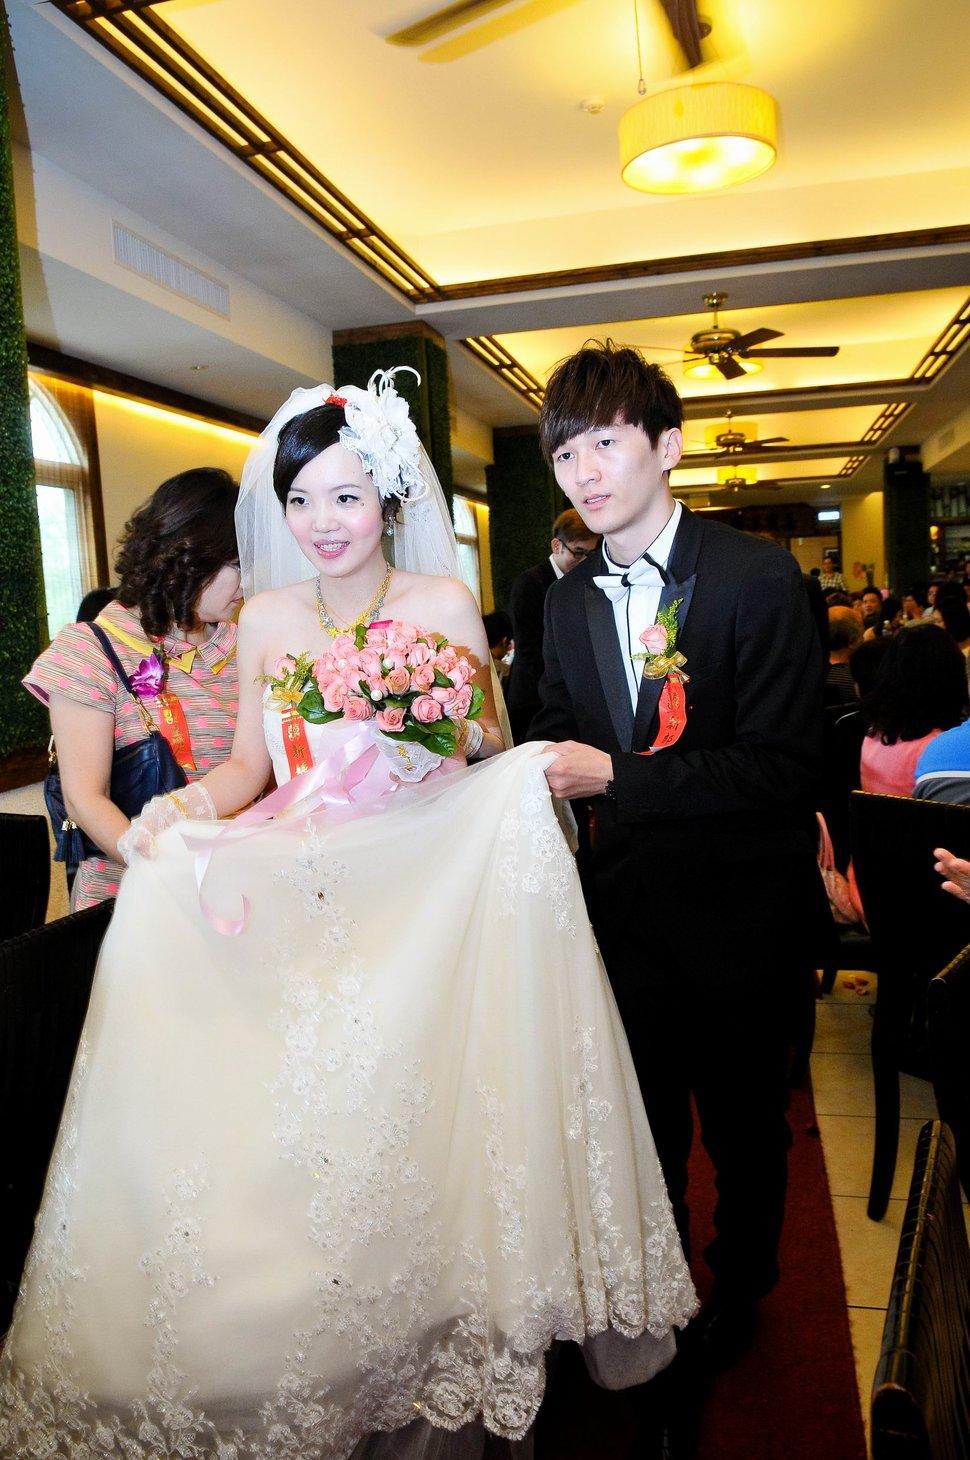 台中天野養生餐廳婚禮記錄婚禮記錄動態微電影錄影專業錄影平面攝影(編號:196469) - 蜜月拍照10800錄影12800攝影團隊 - 結婚吧